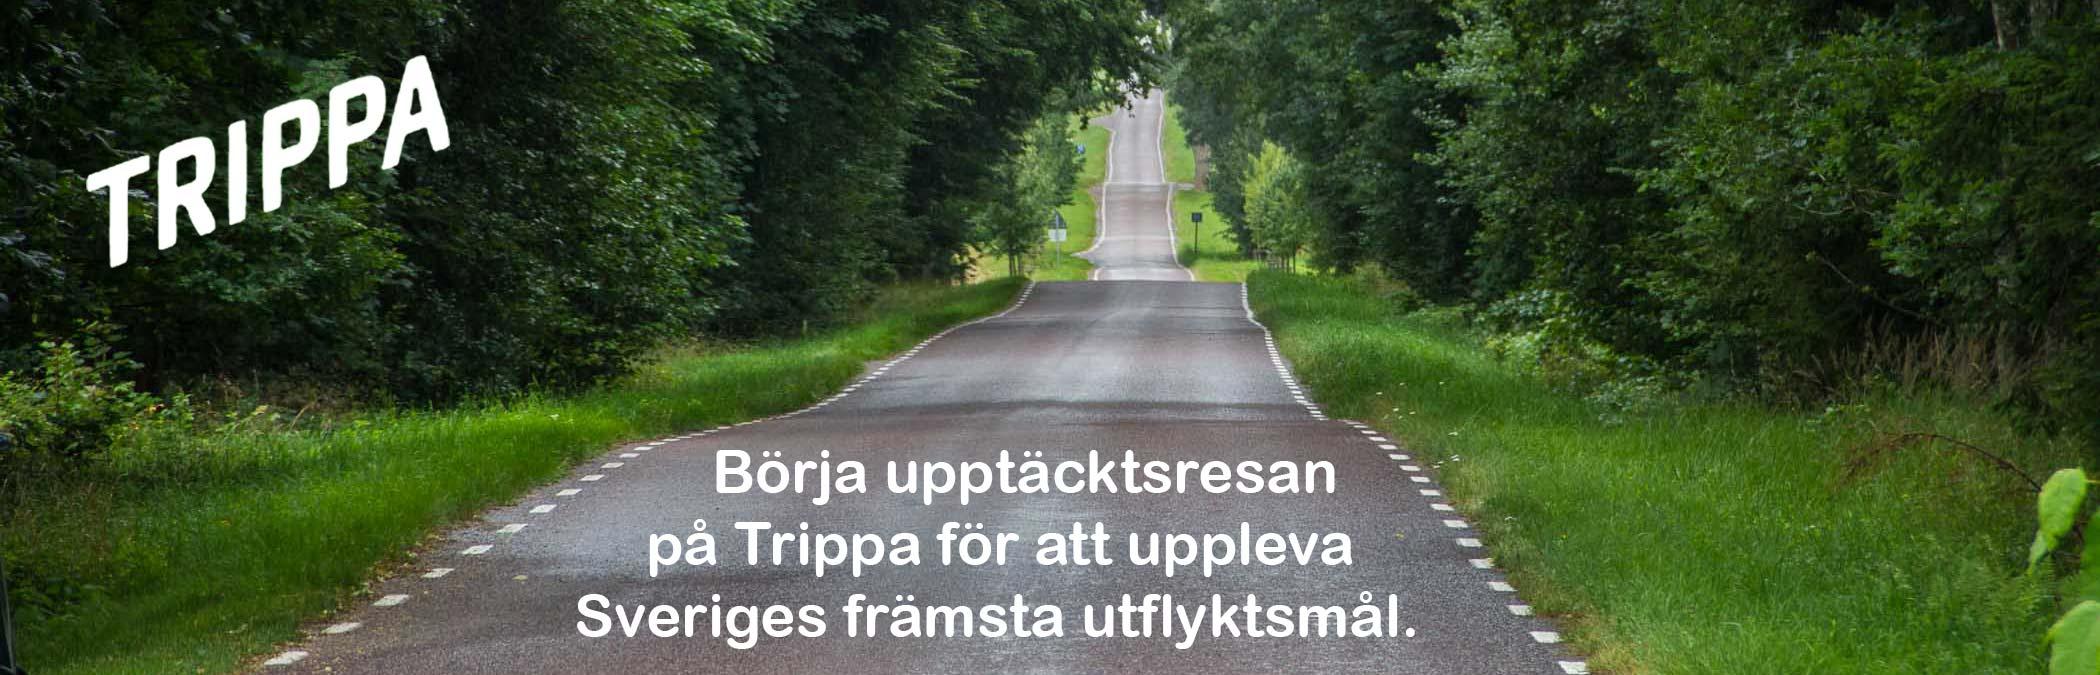 Trippa desktop front slider image